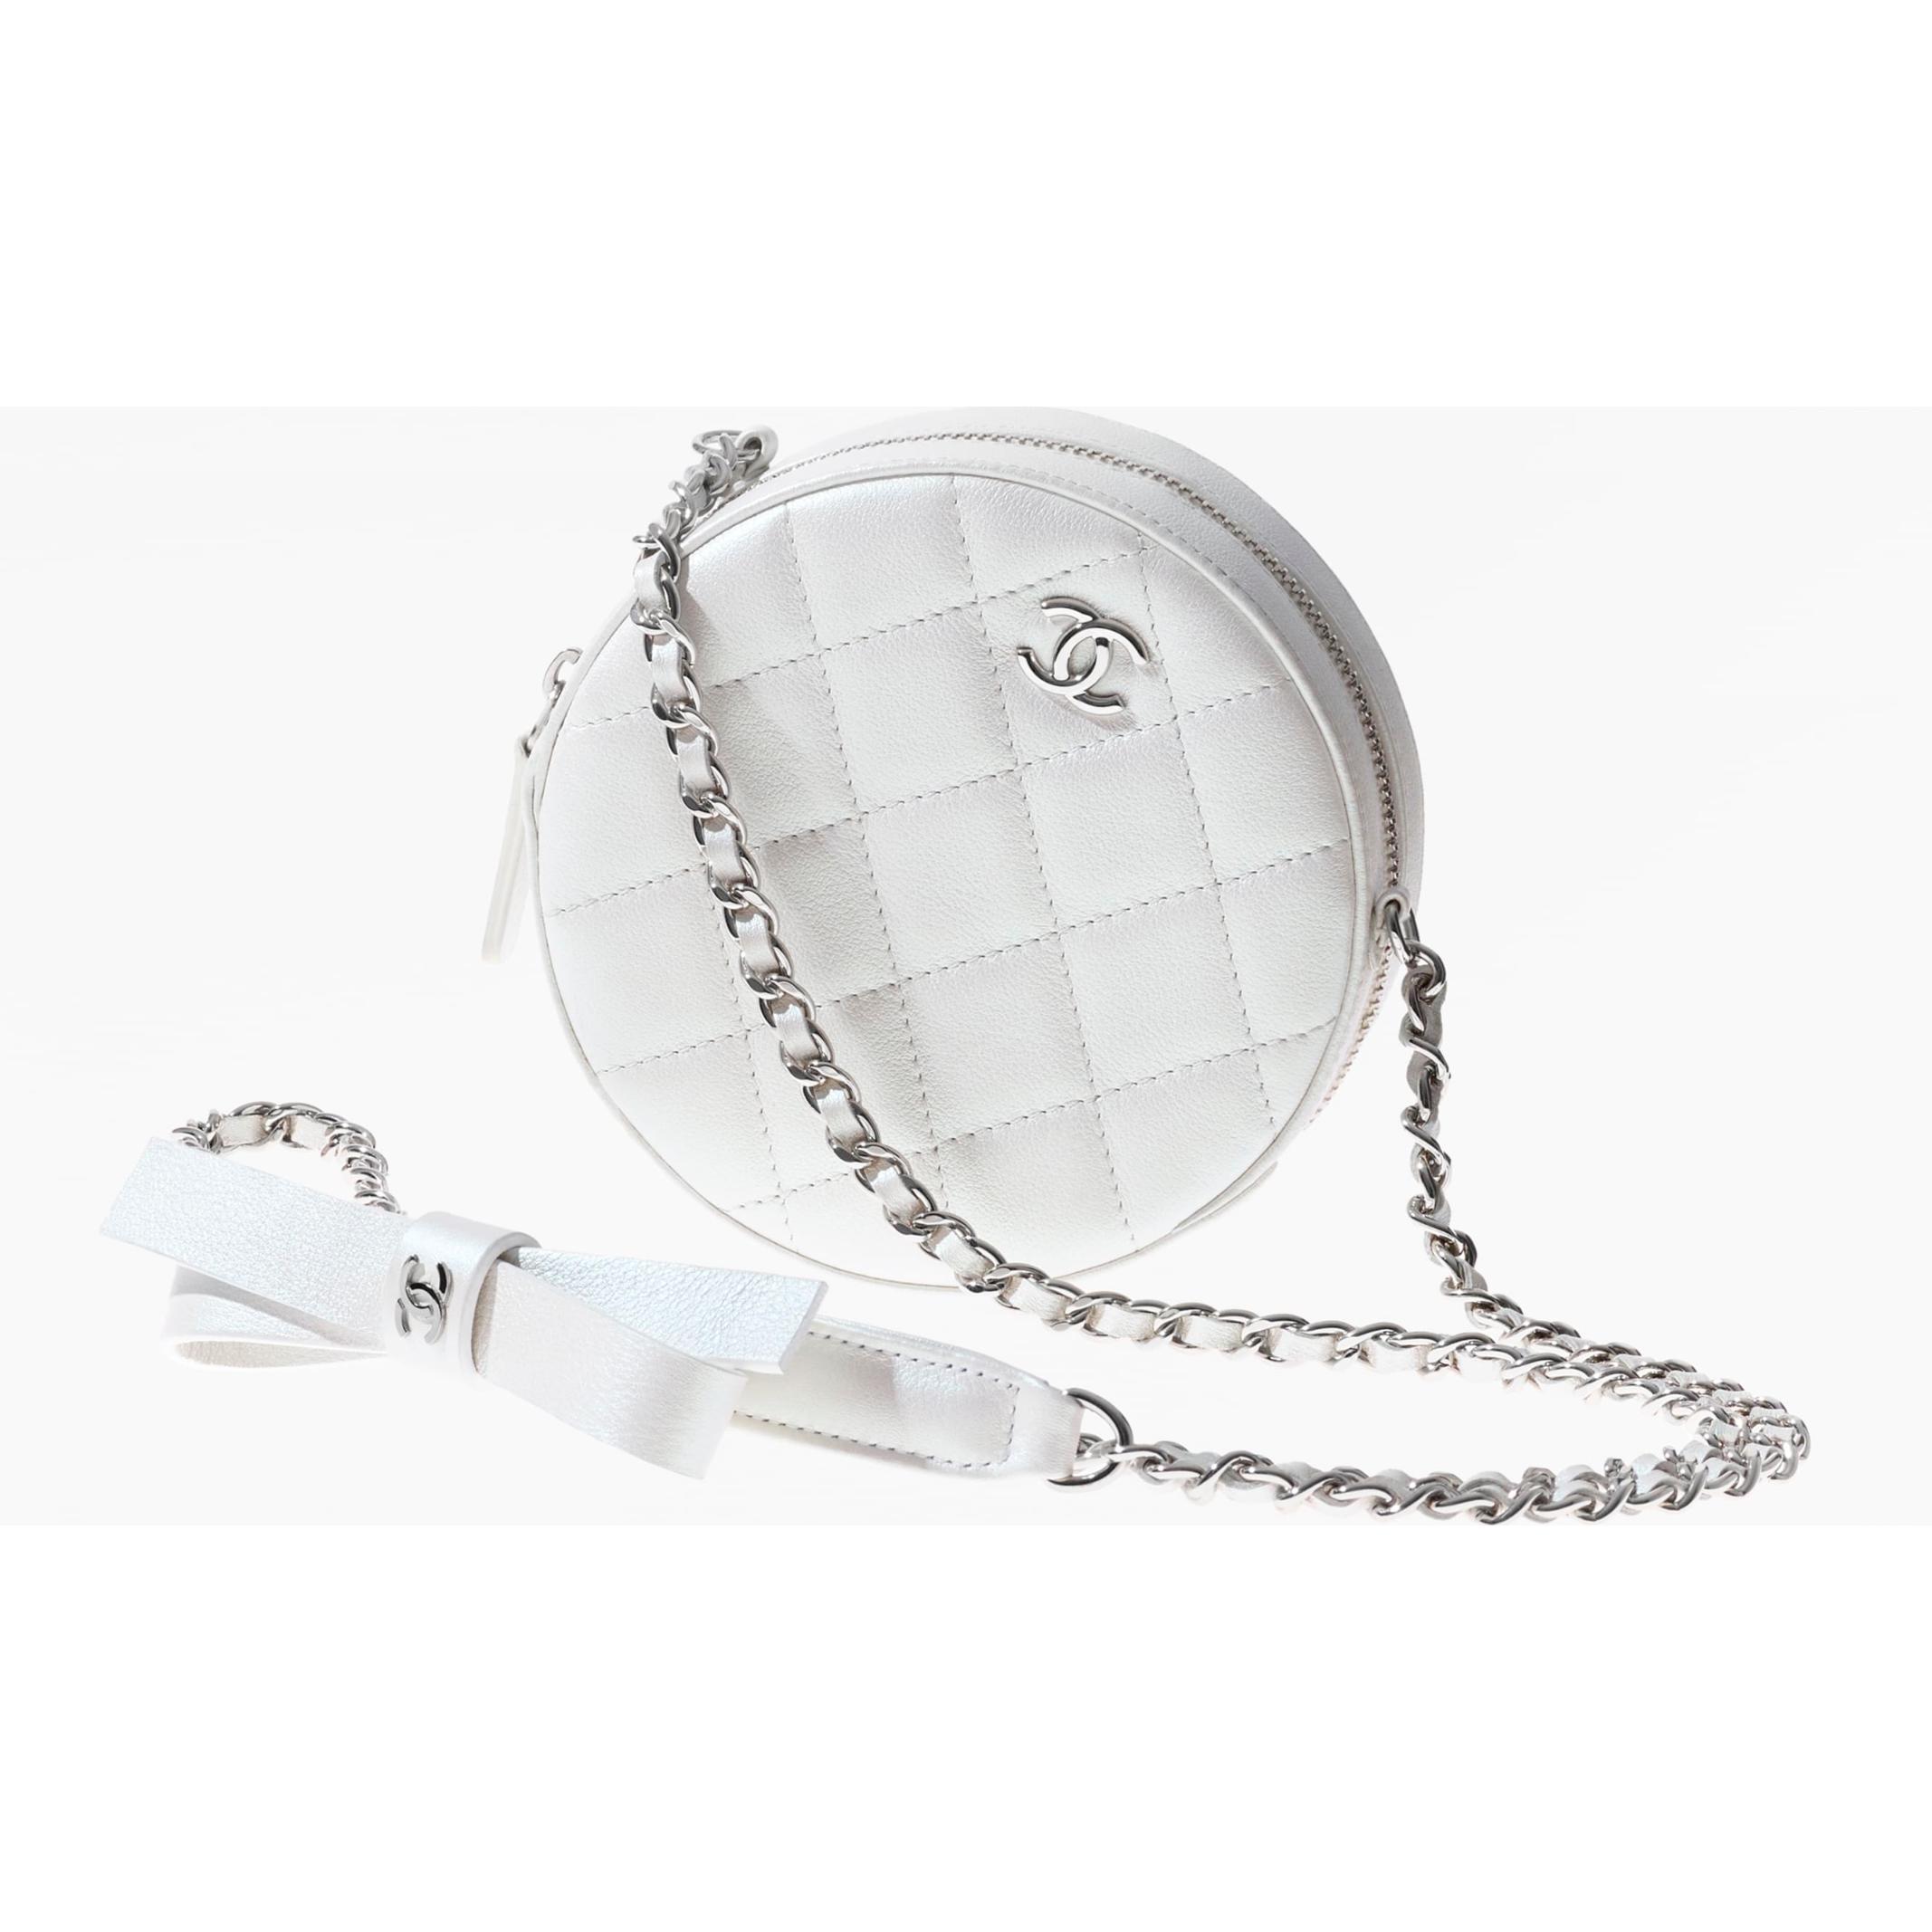 유럽직배송 샤넬 CHANEL Clutch With Chain AP2422B0674610601